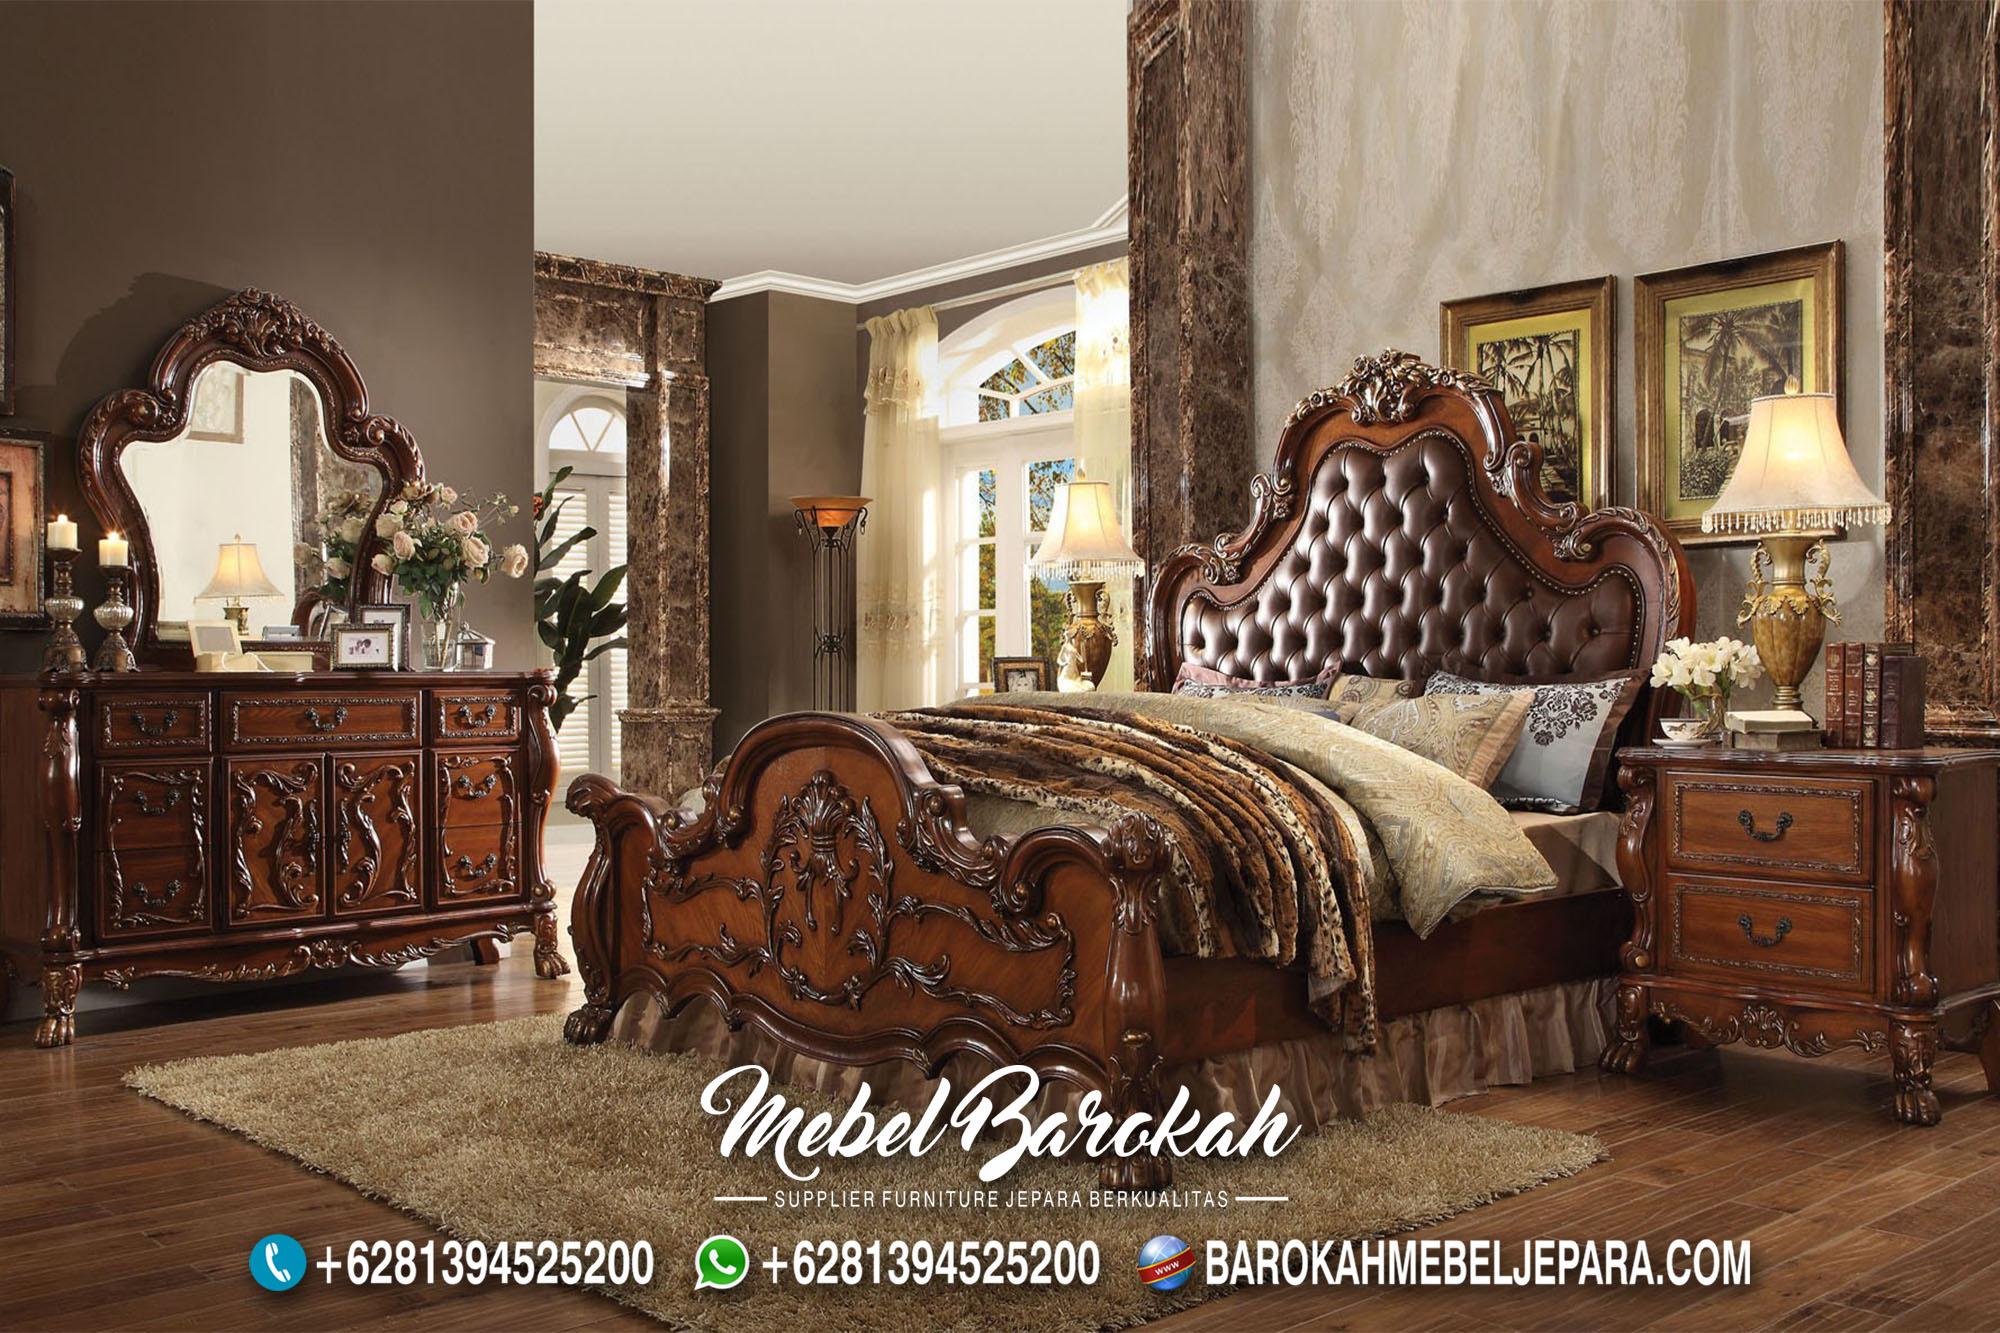 Jual Tempat Tidur Ukir Kayu Jati Berbagai Model MB-730